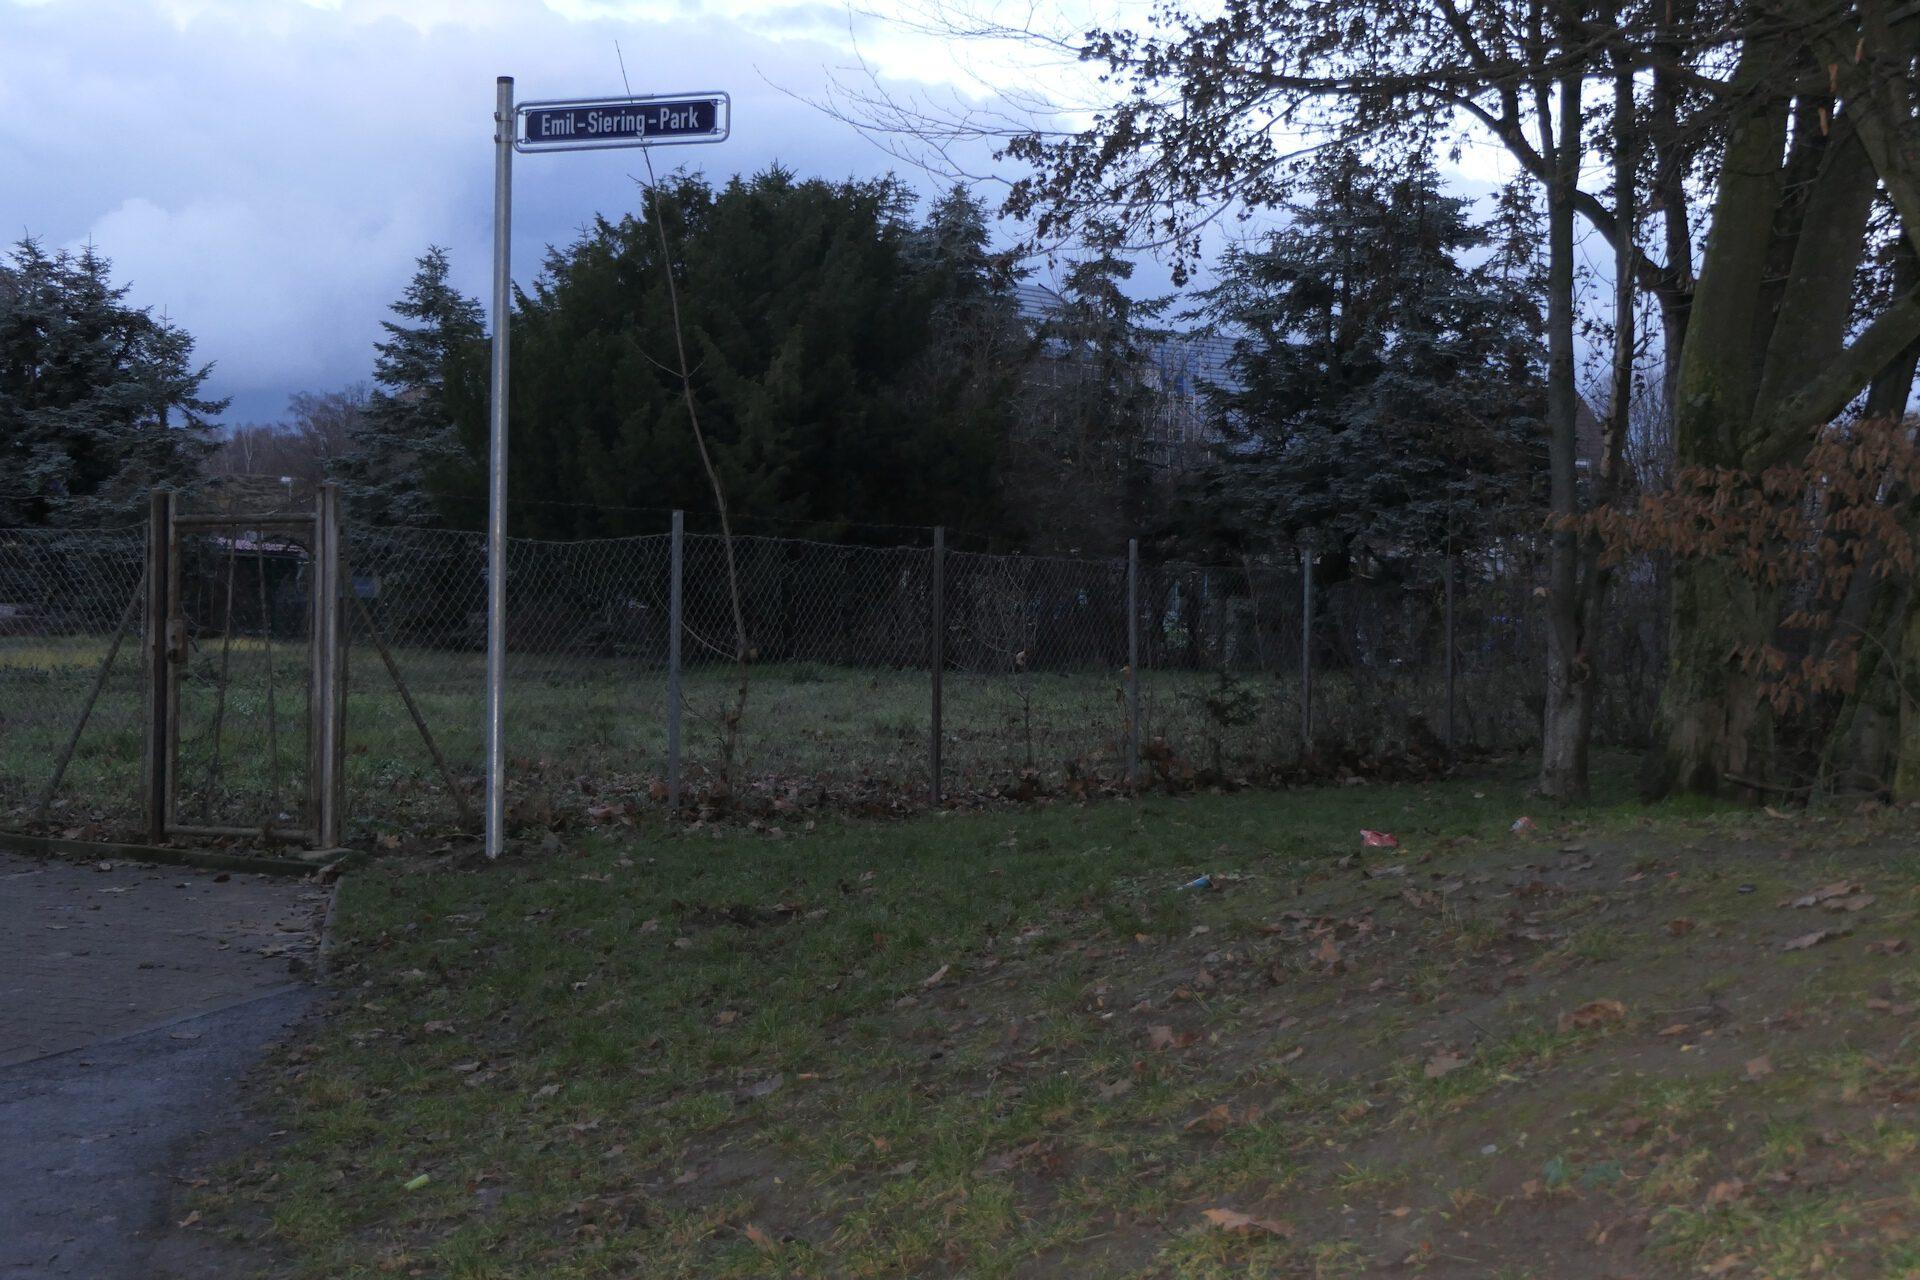 Emil-Siering-Park